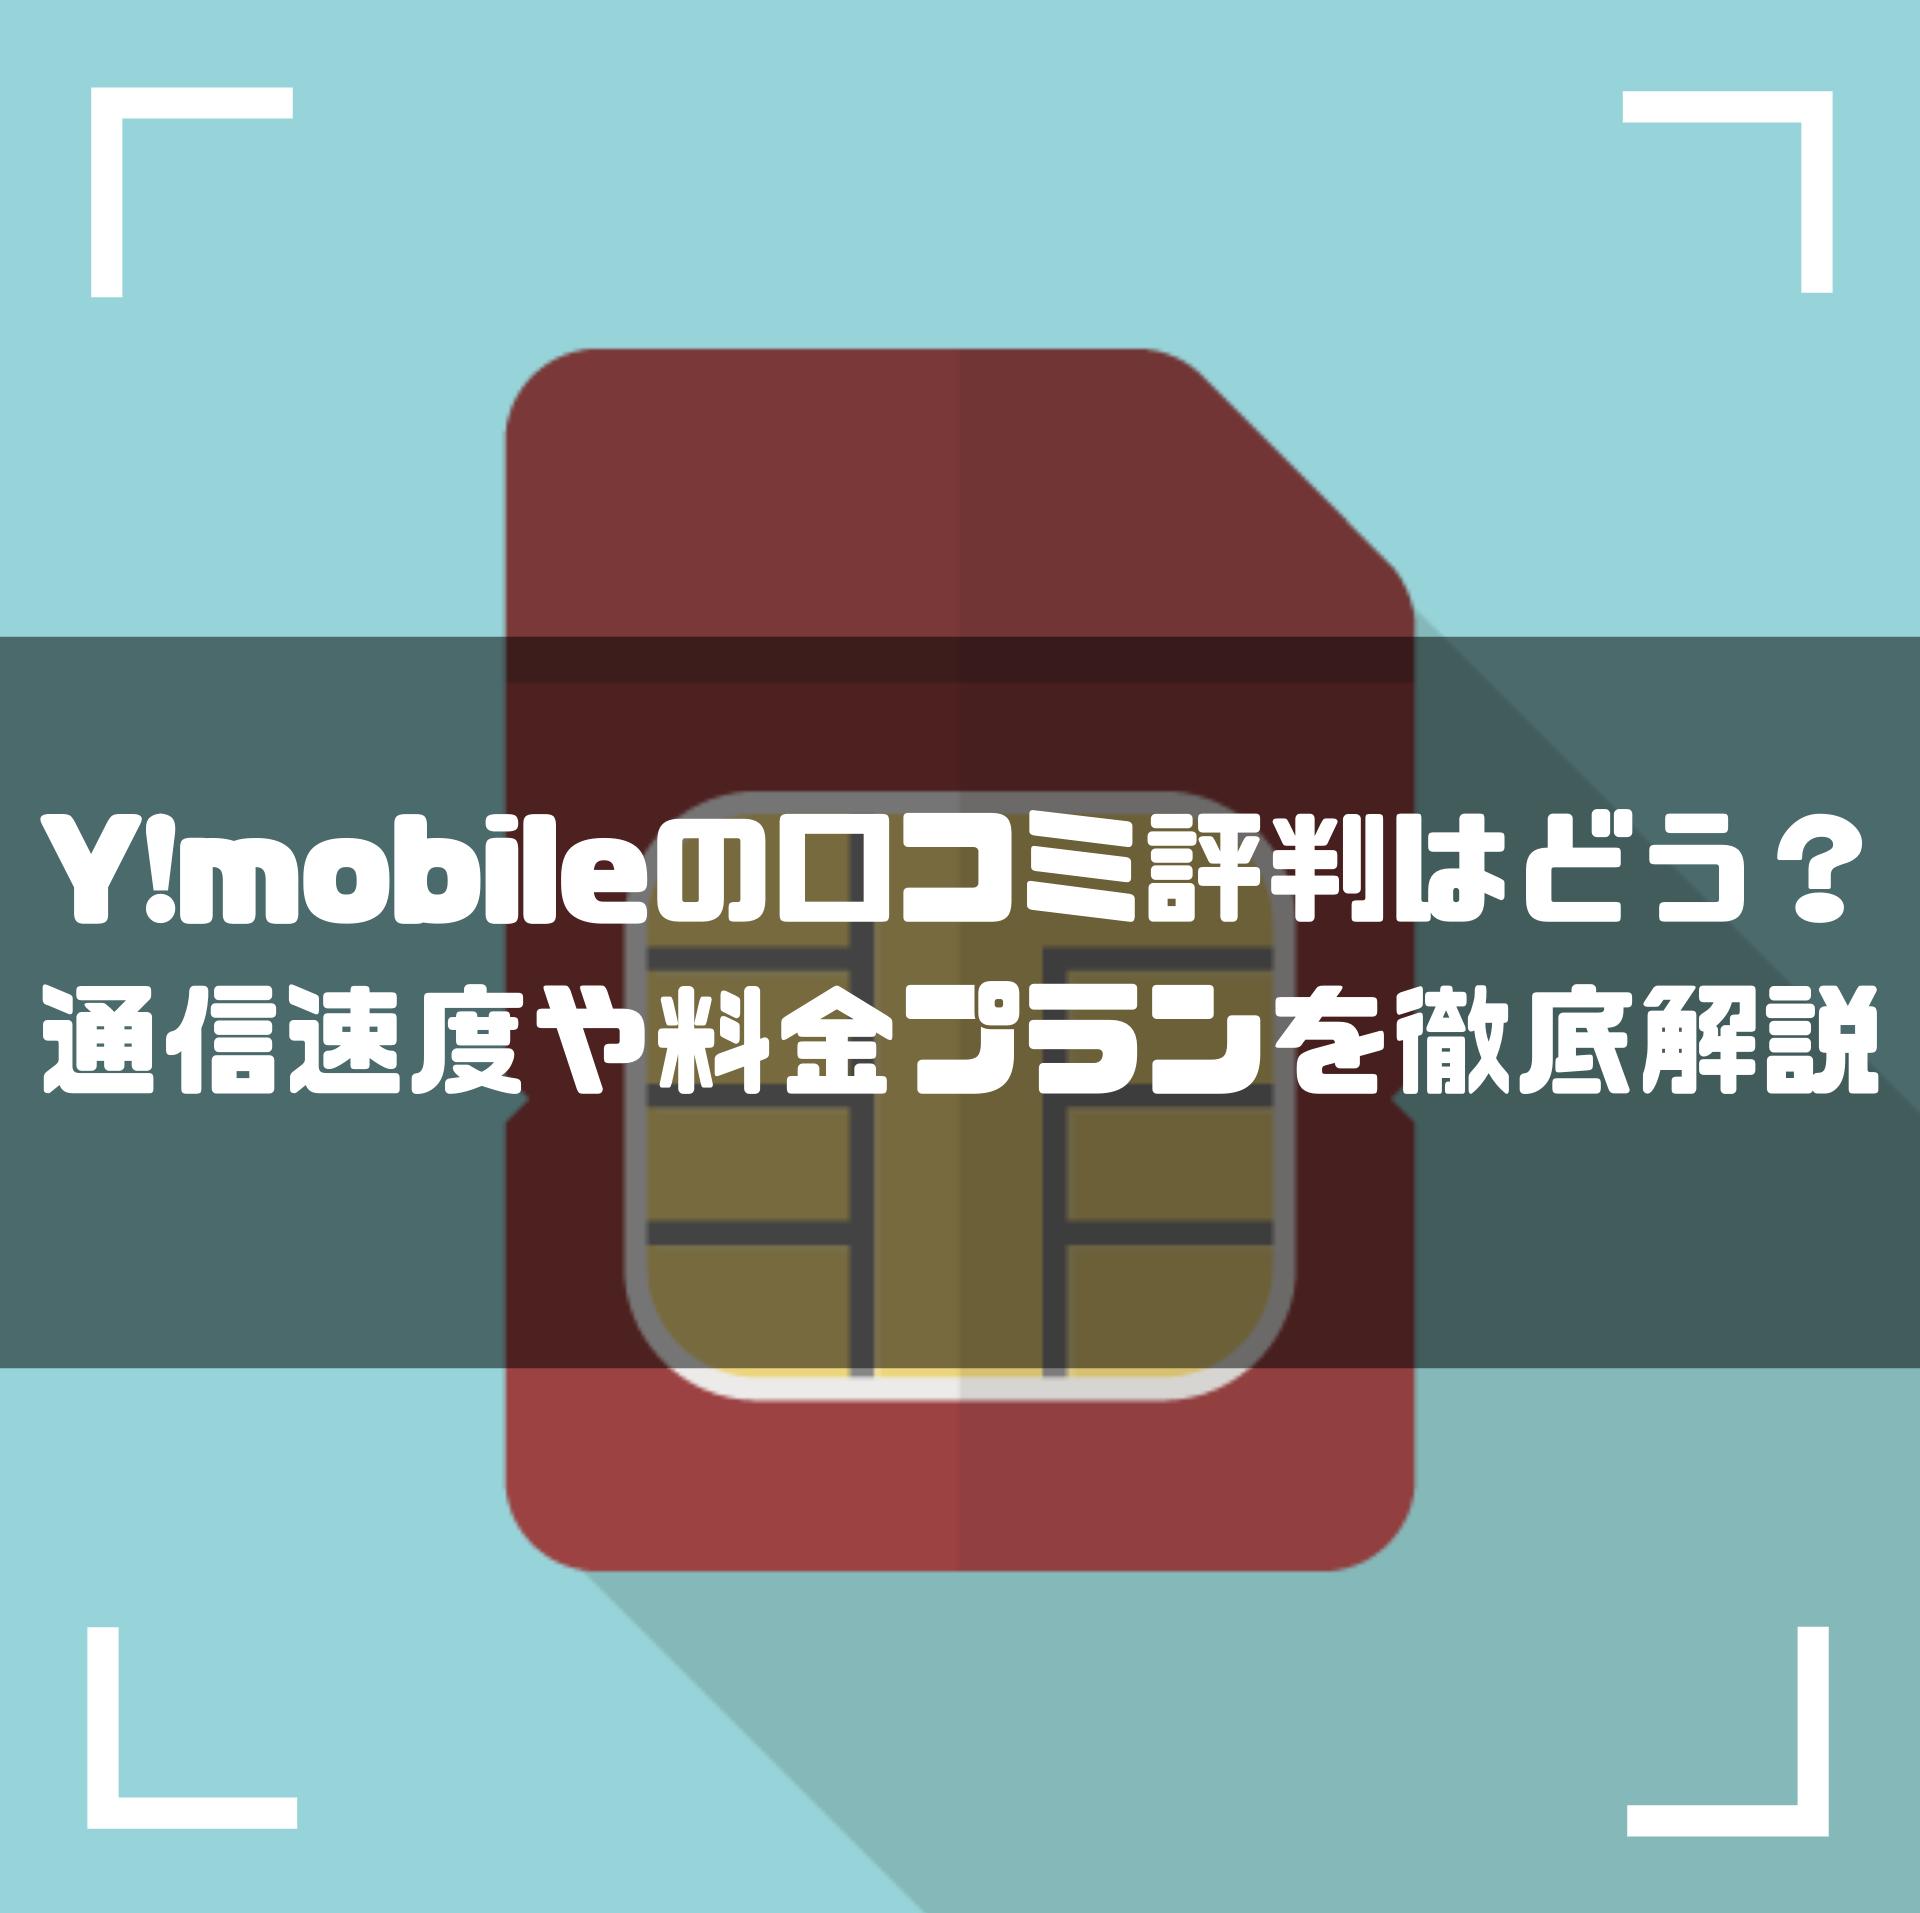 Y!mobile(ワイモバイル)の口コミ評判は悪い?100人の評価からわかったメリット・デメリットを徹底解説